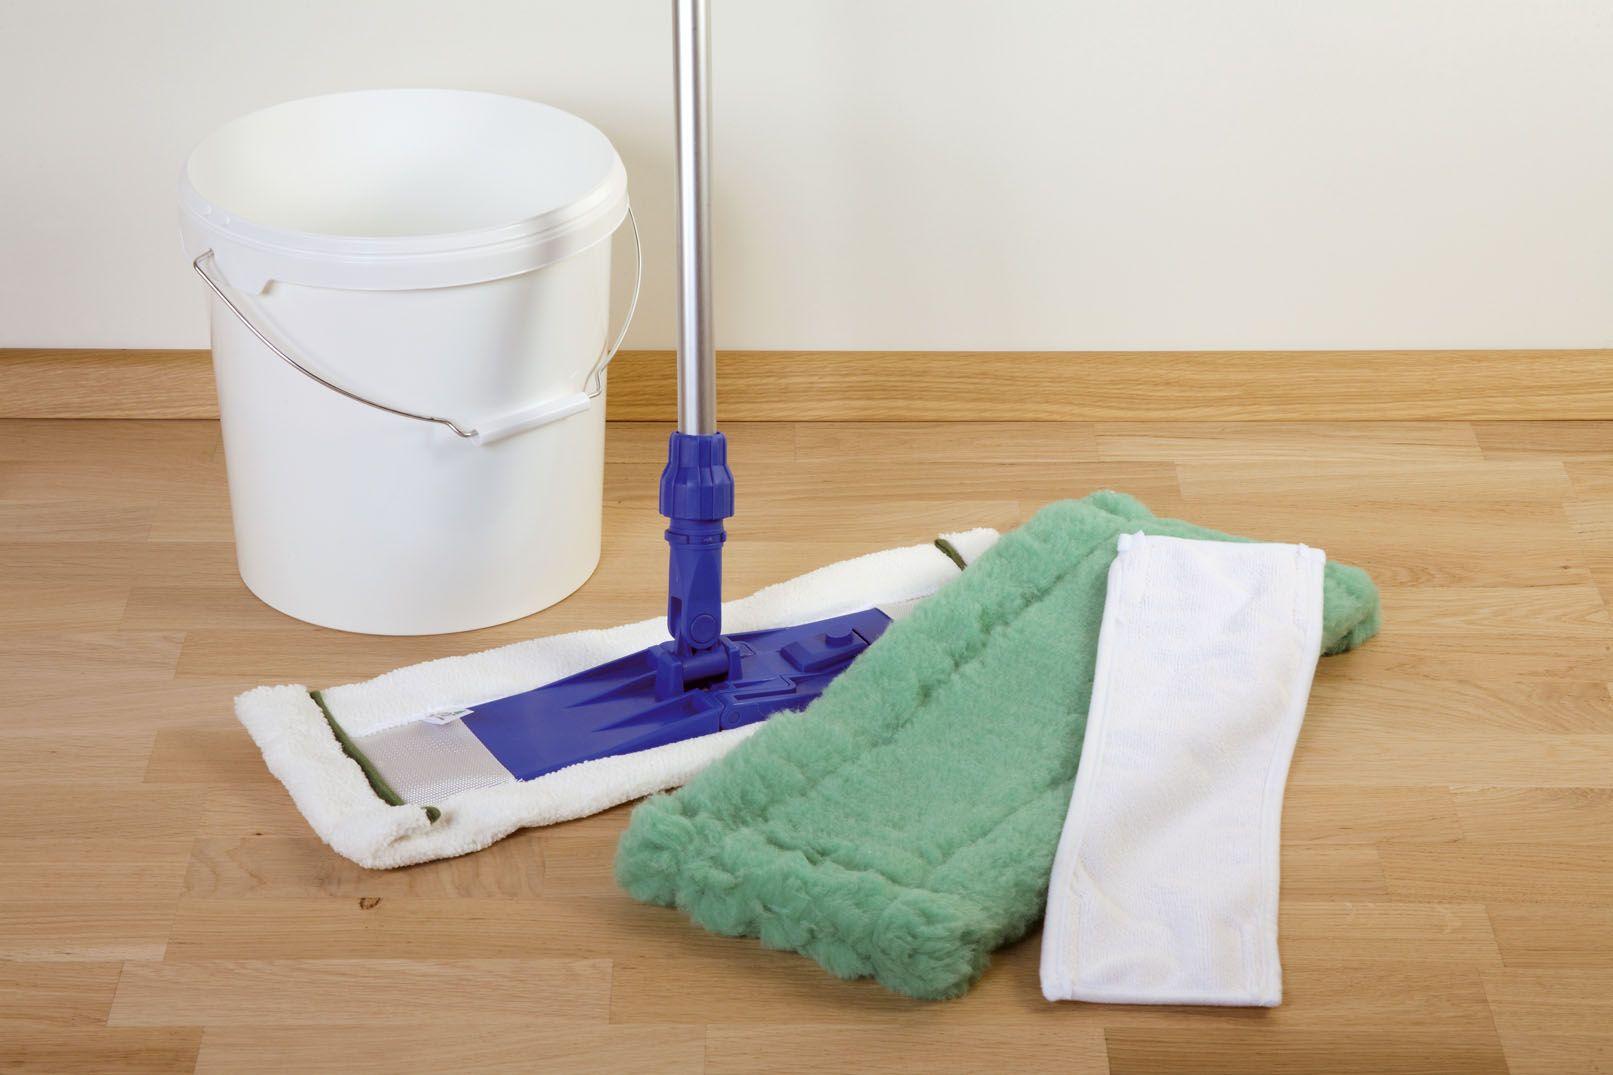 Zestaw Opti - Mop Opti Osmo do czyszcenia podłog drewnianych i pielęgnacji powłok olejowych